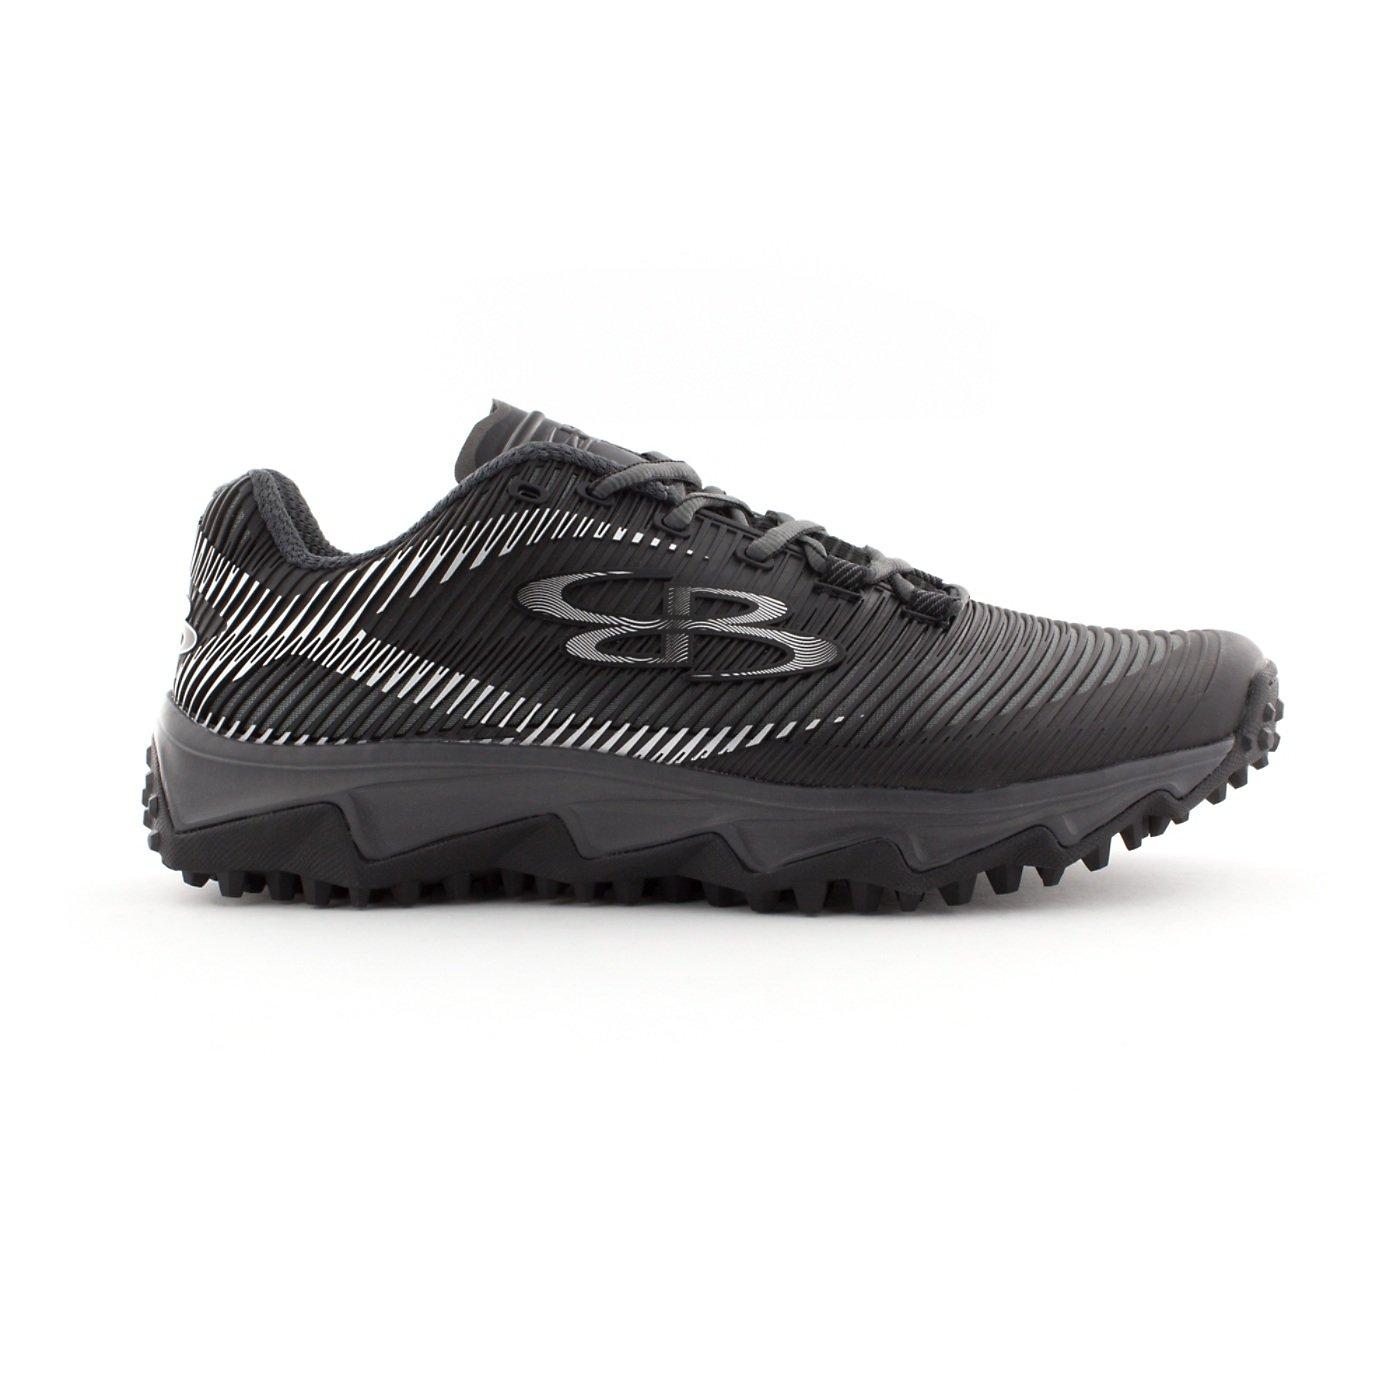 BoombahメンズAftershock DPS Turf Shoes – 18カラーオプション – 複数のサイズÉ B0767PZCTQ 10.5|ブラック/チャーコール ブラック/チャーコール 10.5